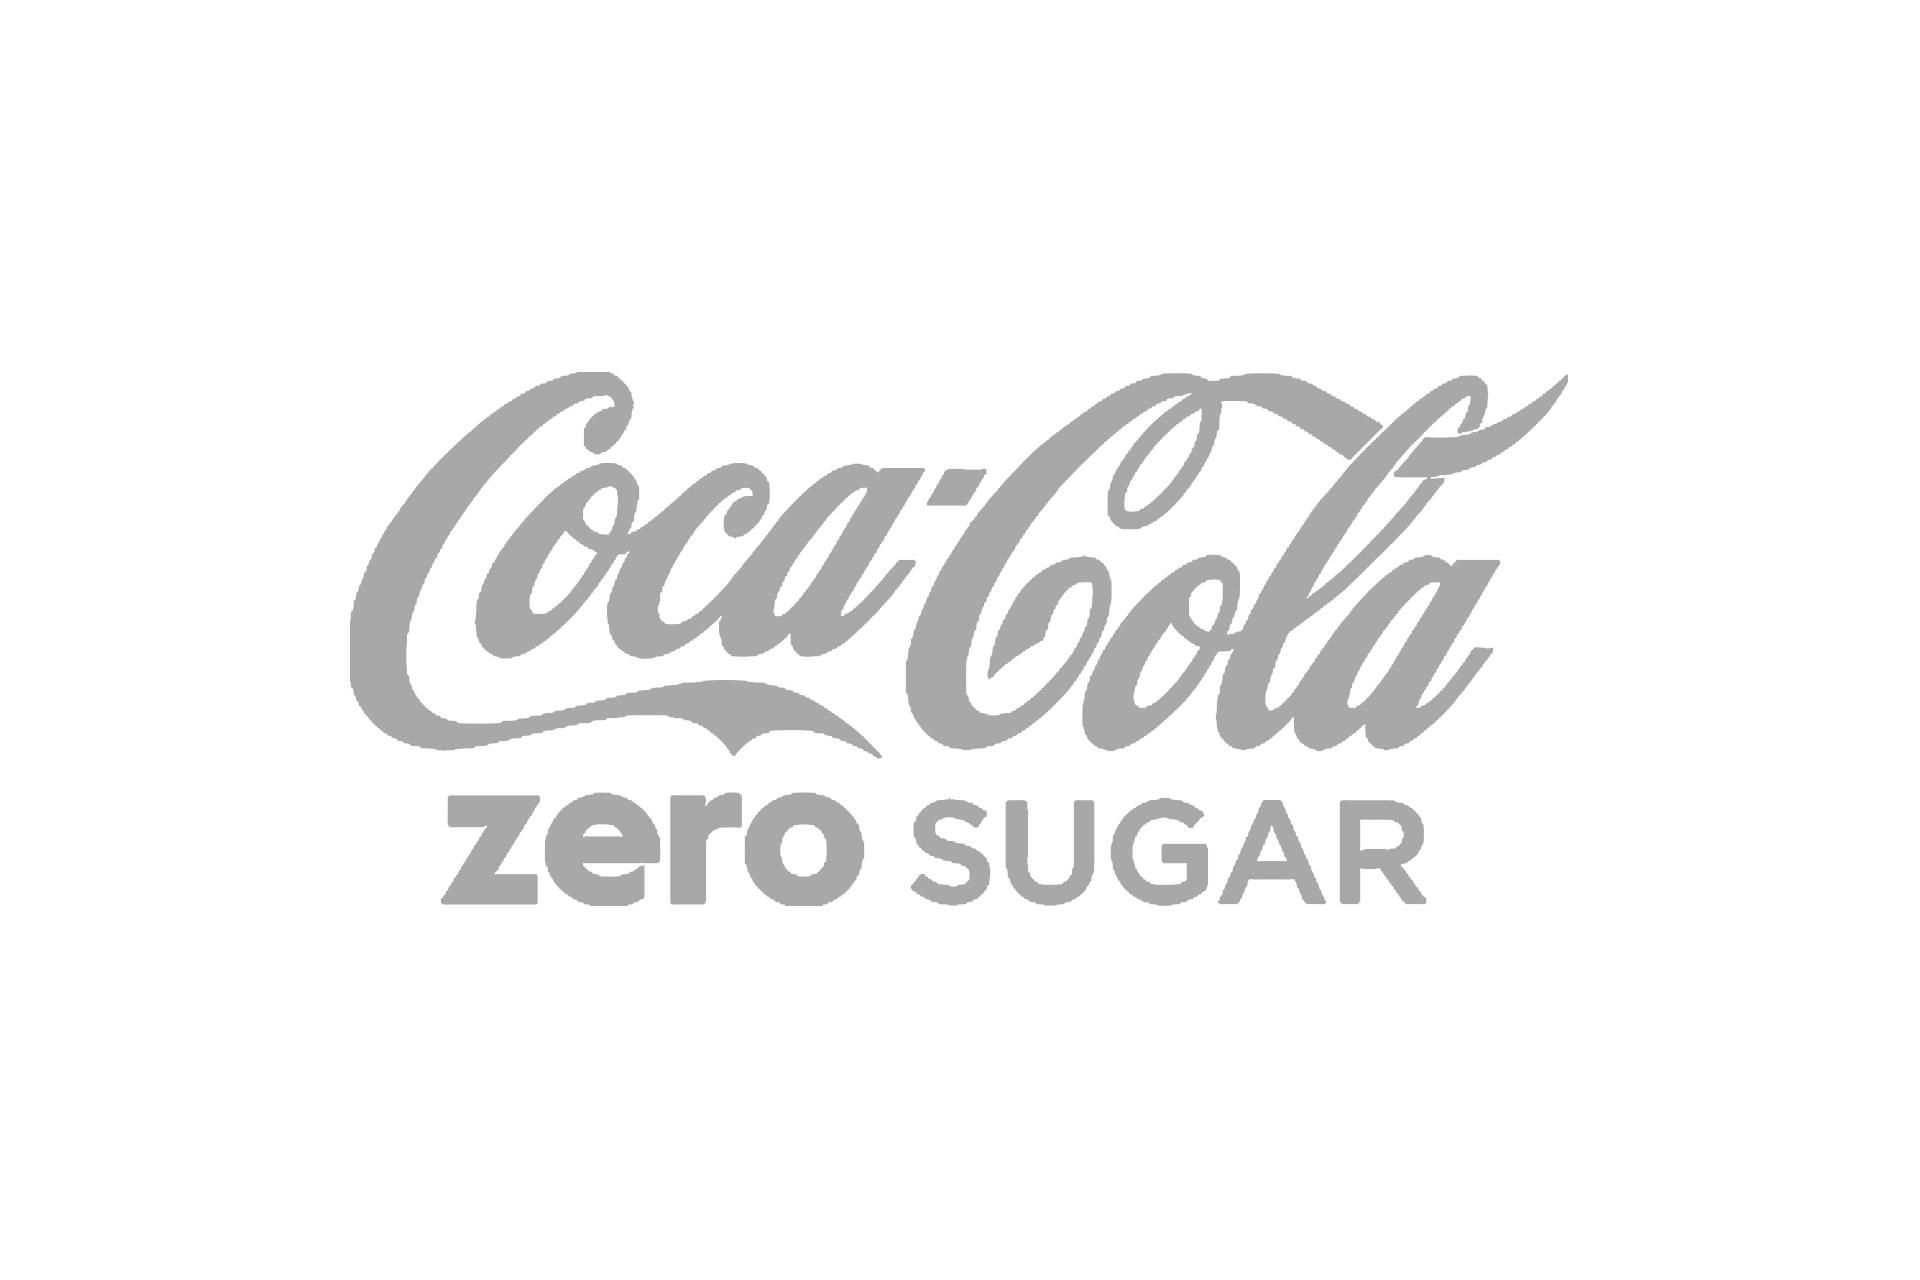 coca cola zero sugar grey